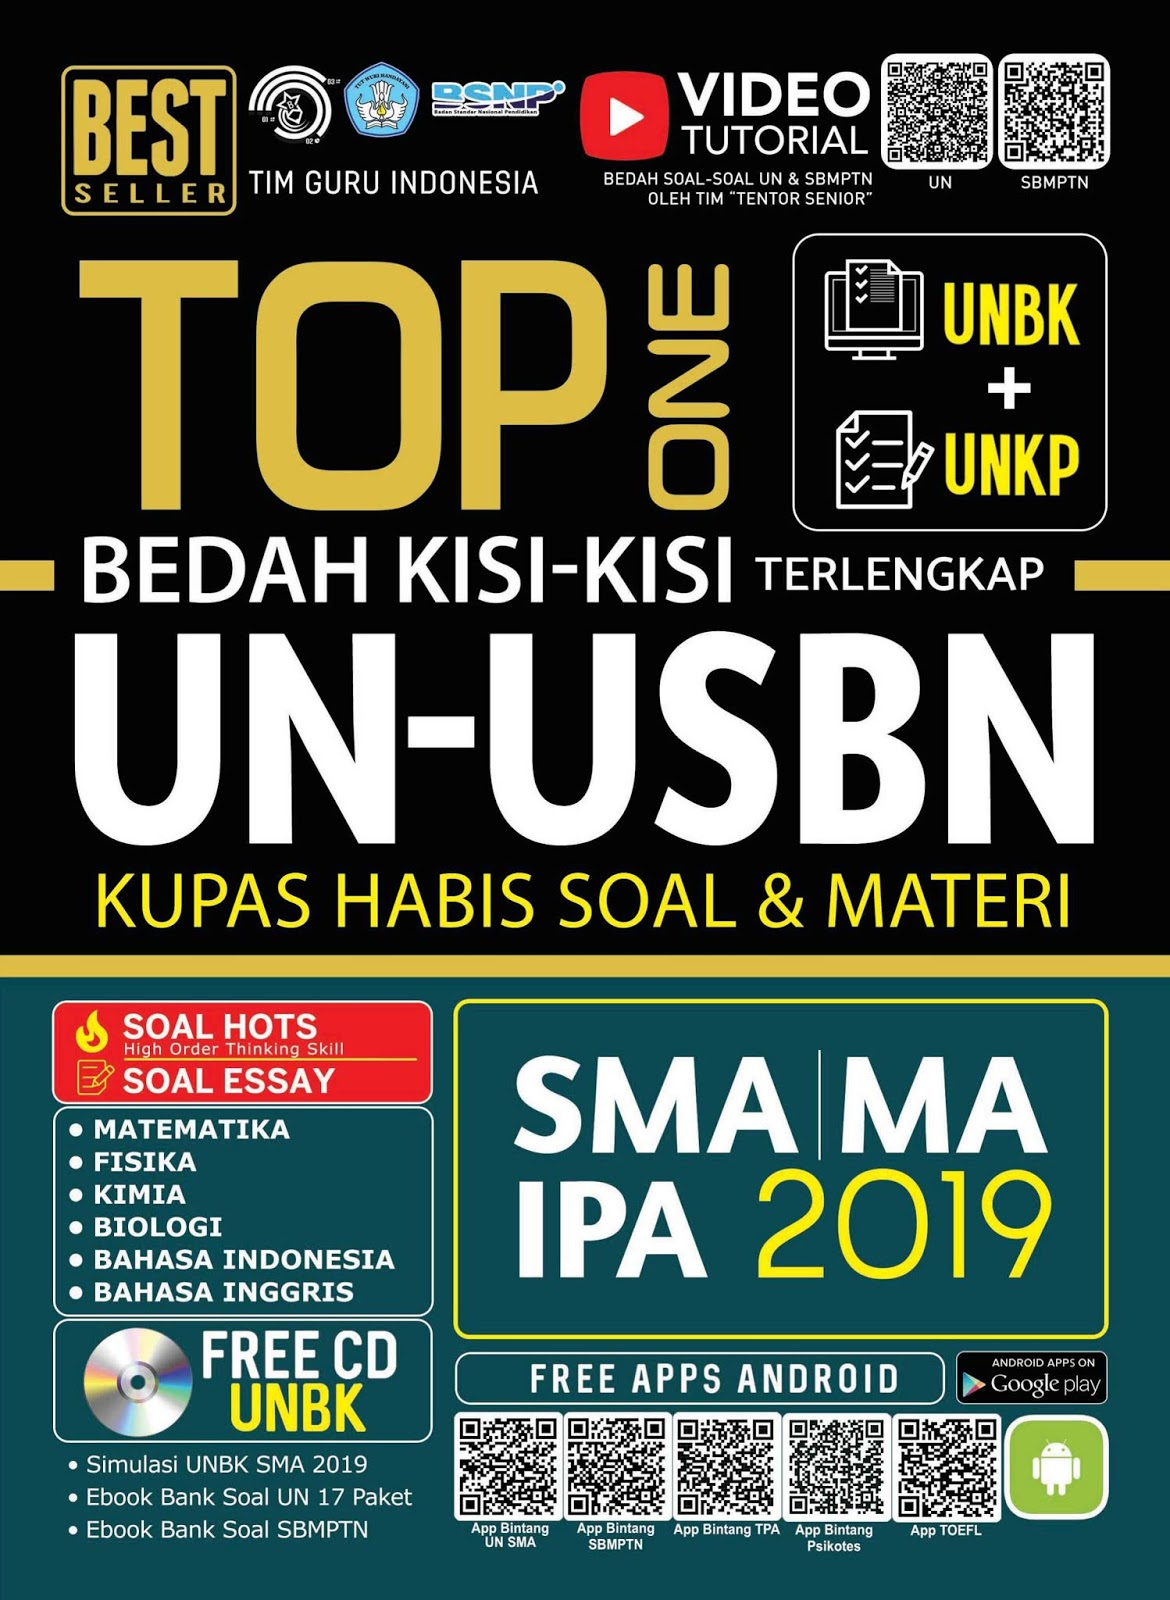 TOP One Bedah Kisi-kisi Terlengkap UN-USBN SMA/MA IPA